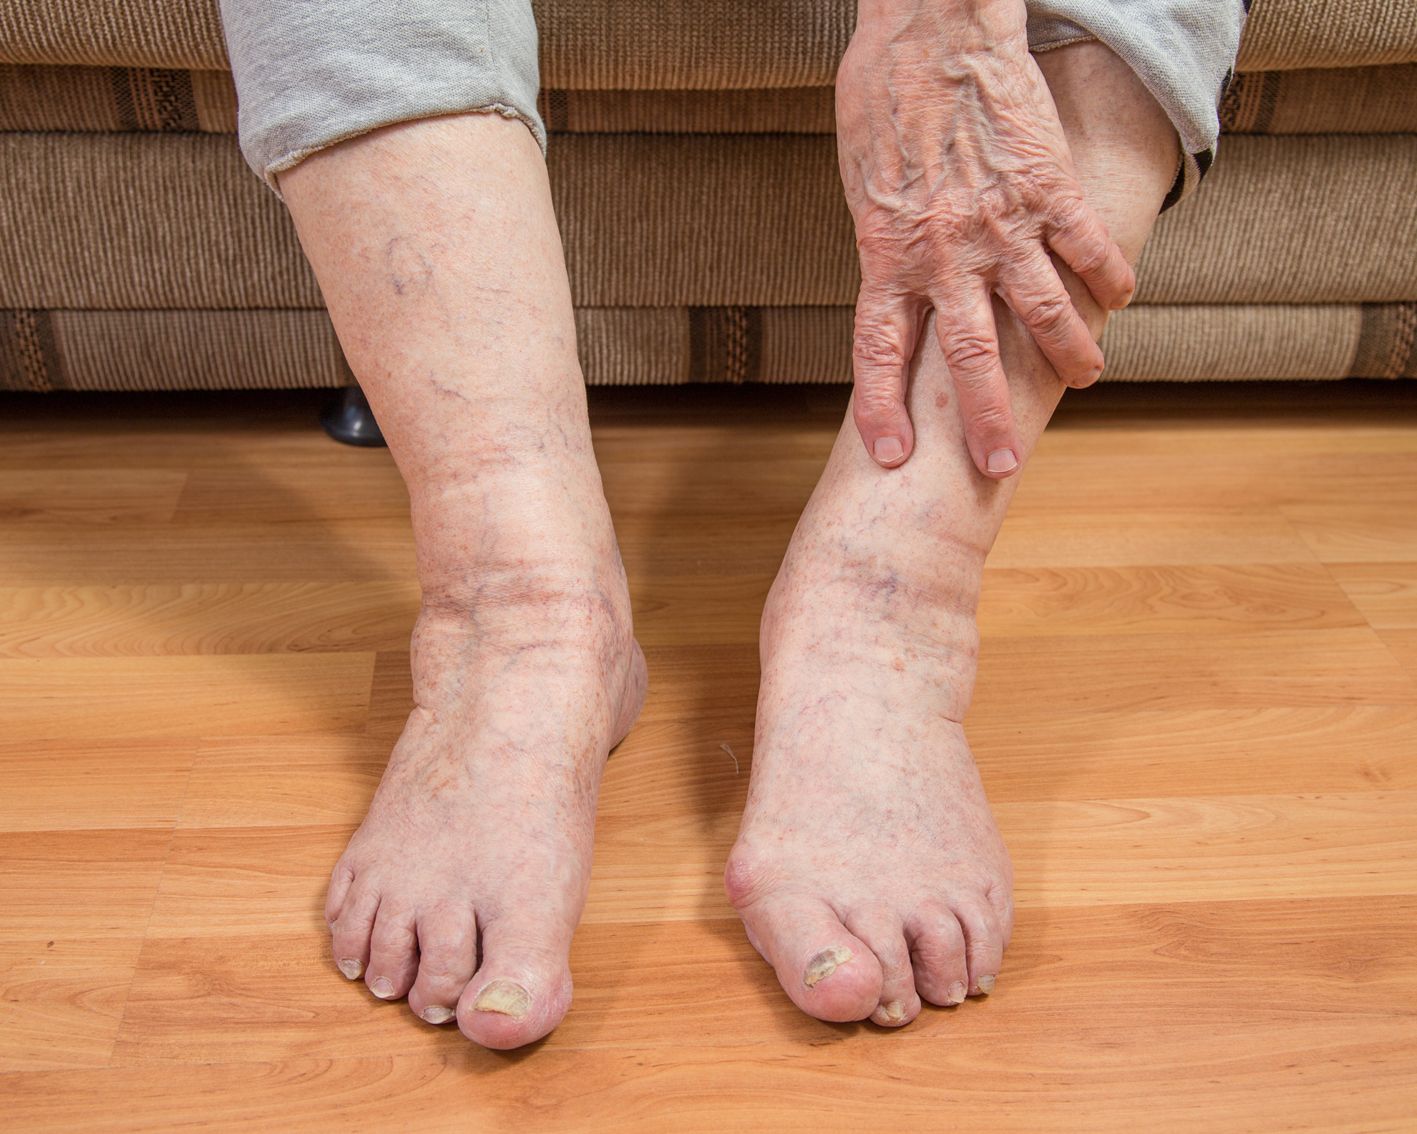 Первые признаки отеков – это небольшие следы от резинок носков на голенях, некомфортное чувство при ходьбе.